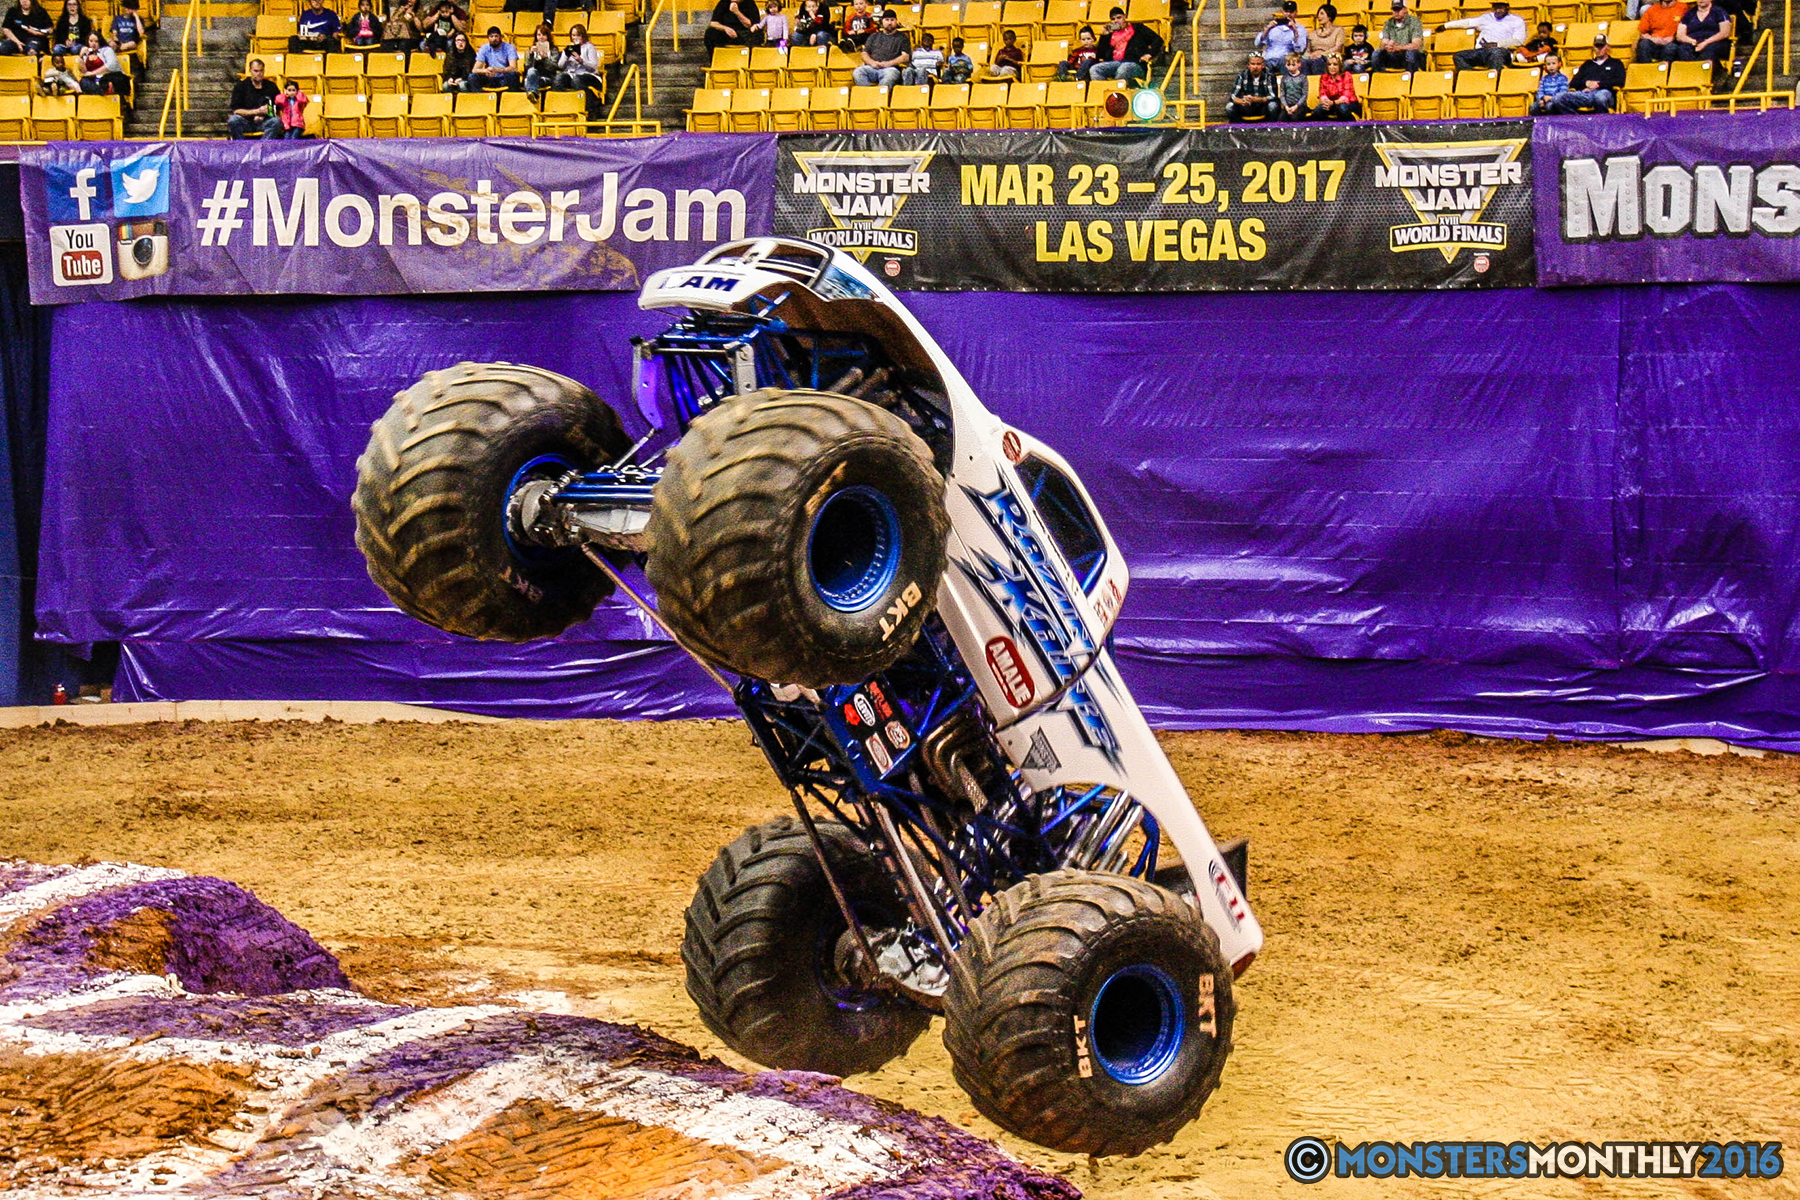 13-monster-jam-utc-mckenzie-arena-chattanooga-tennessee-monstersmonthly-monster-truck-race-gravedigger-monstermutt-xtermigator-razin-kane-doomsday-captainscurse-2016.jpg